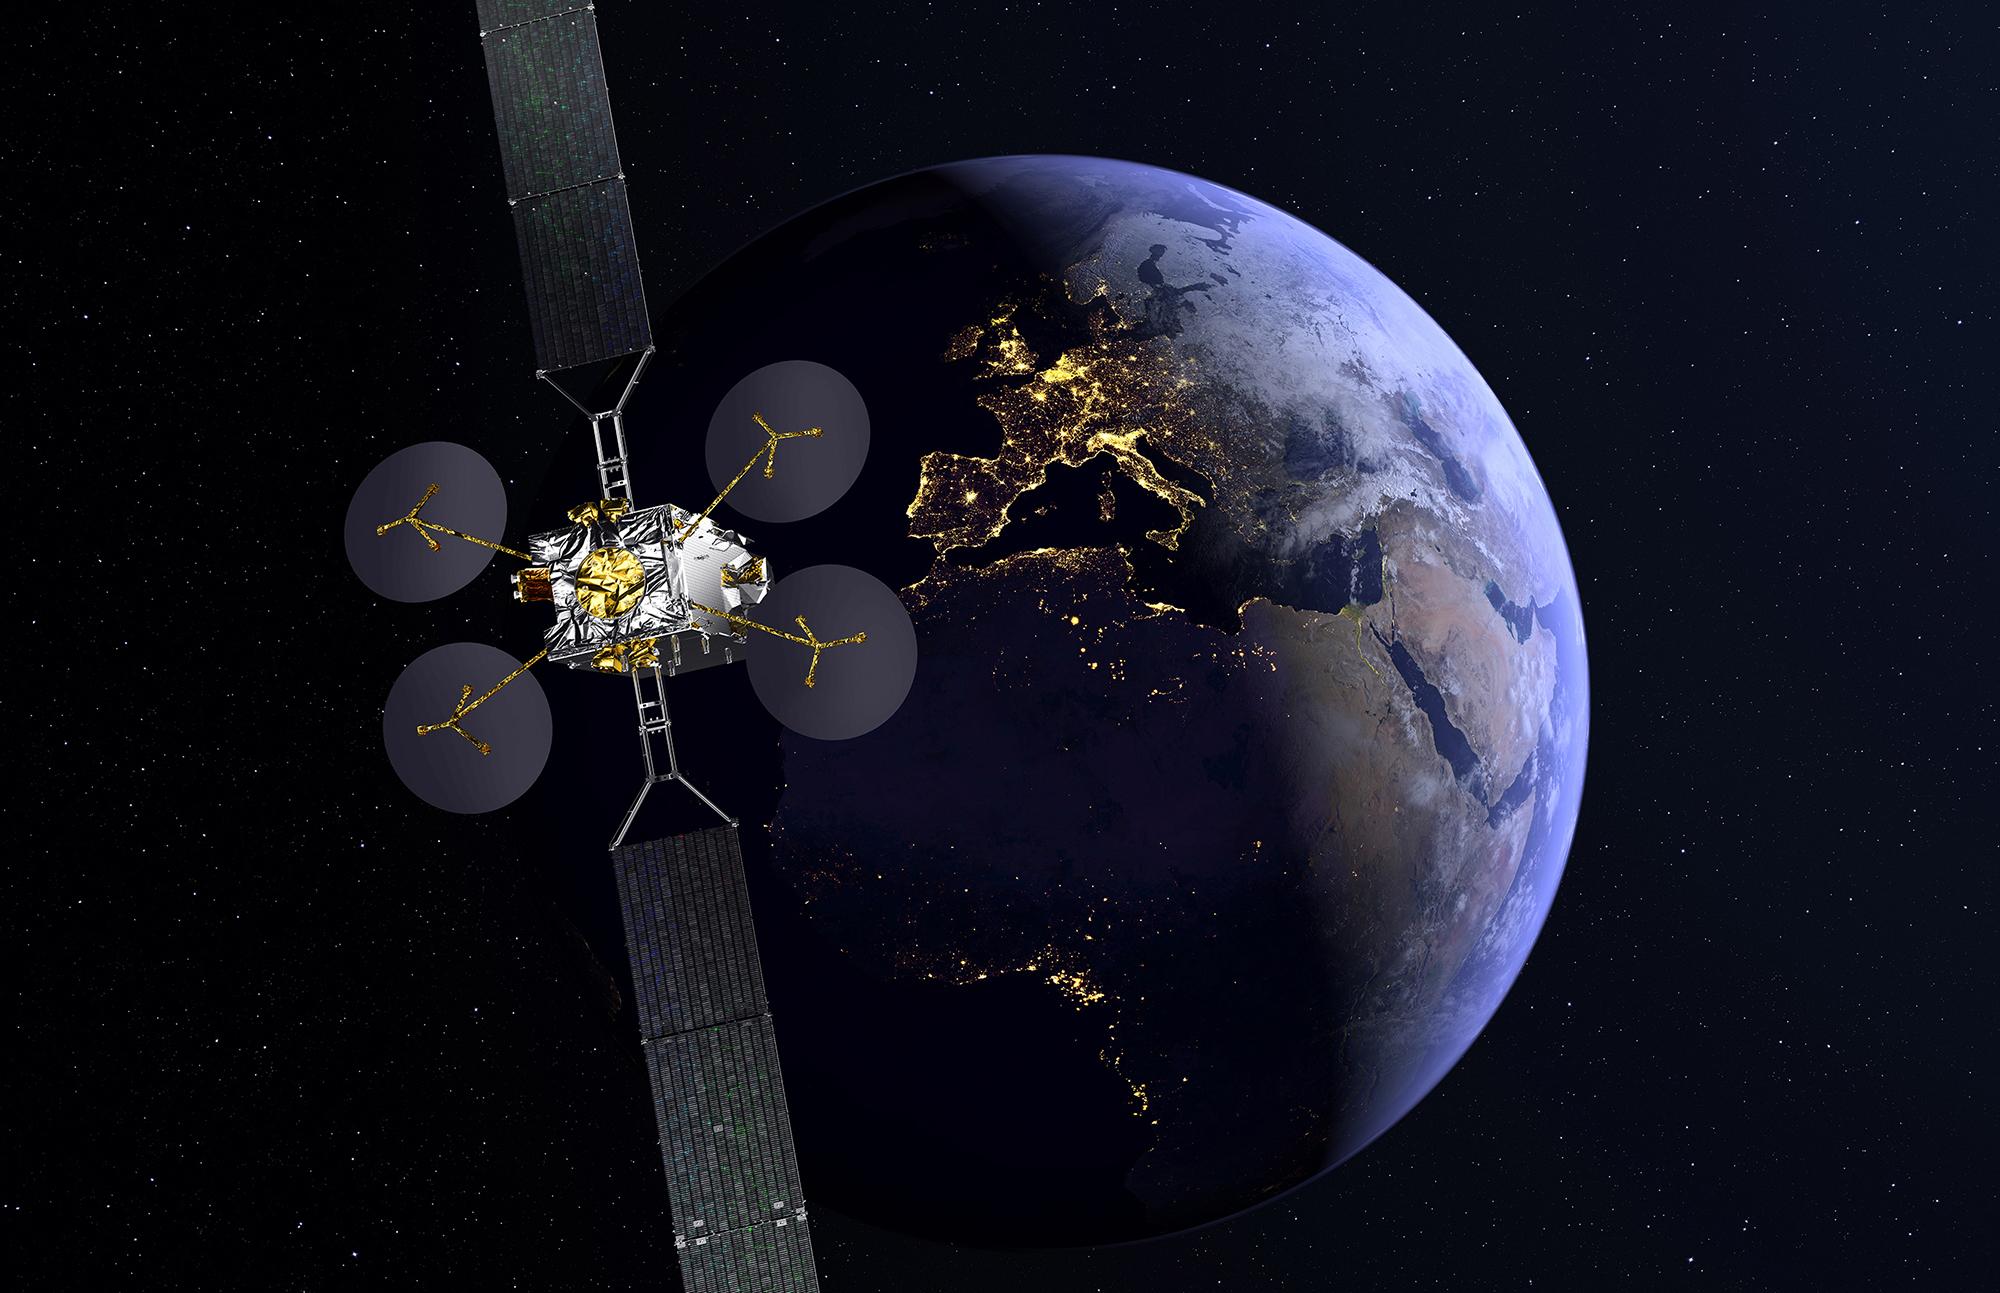 eutelsat-satellite-de-telecoms-konnect-thales-alenia-space